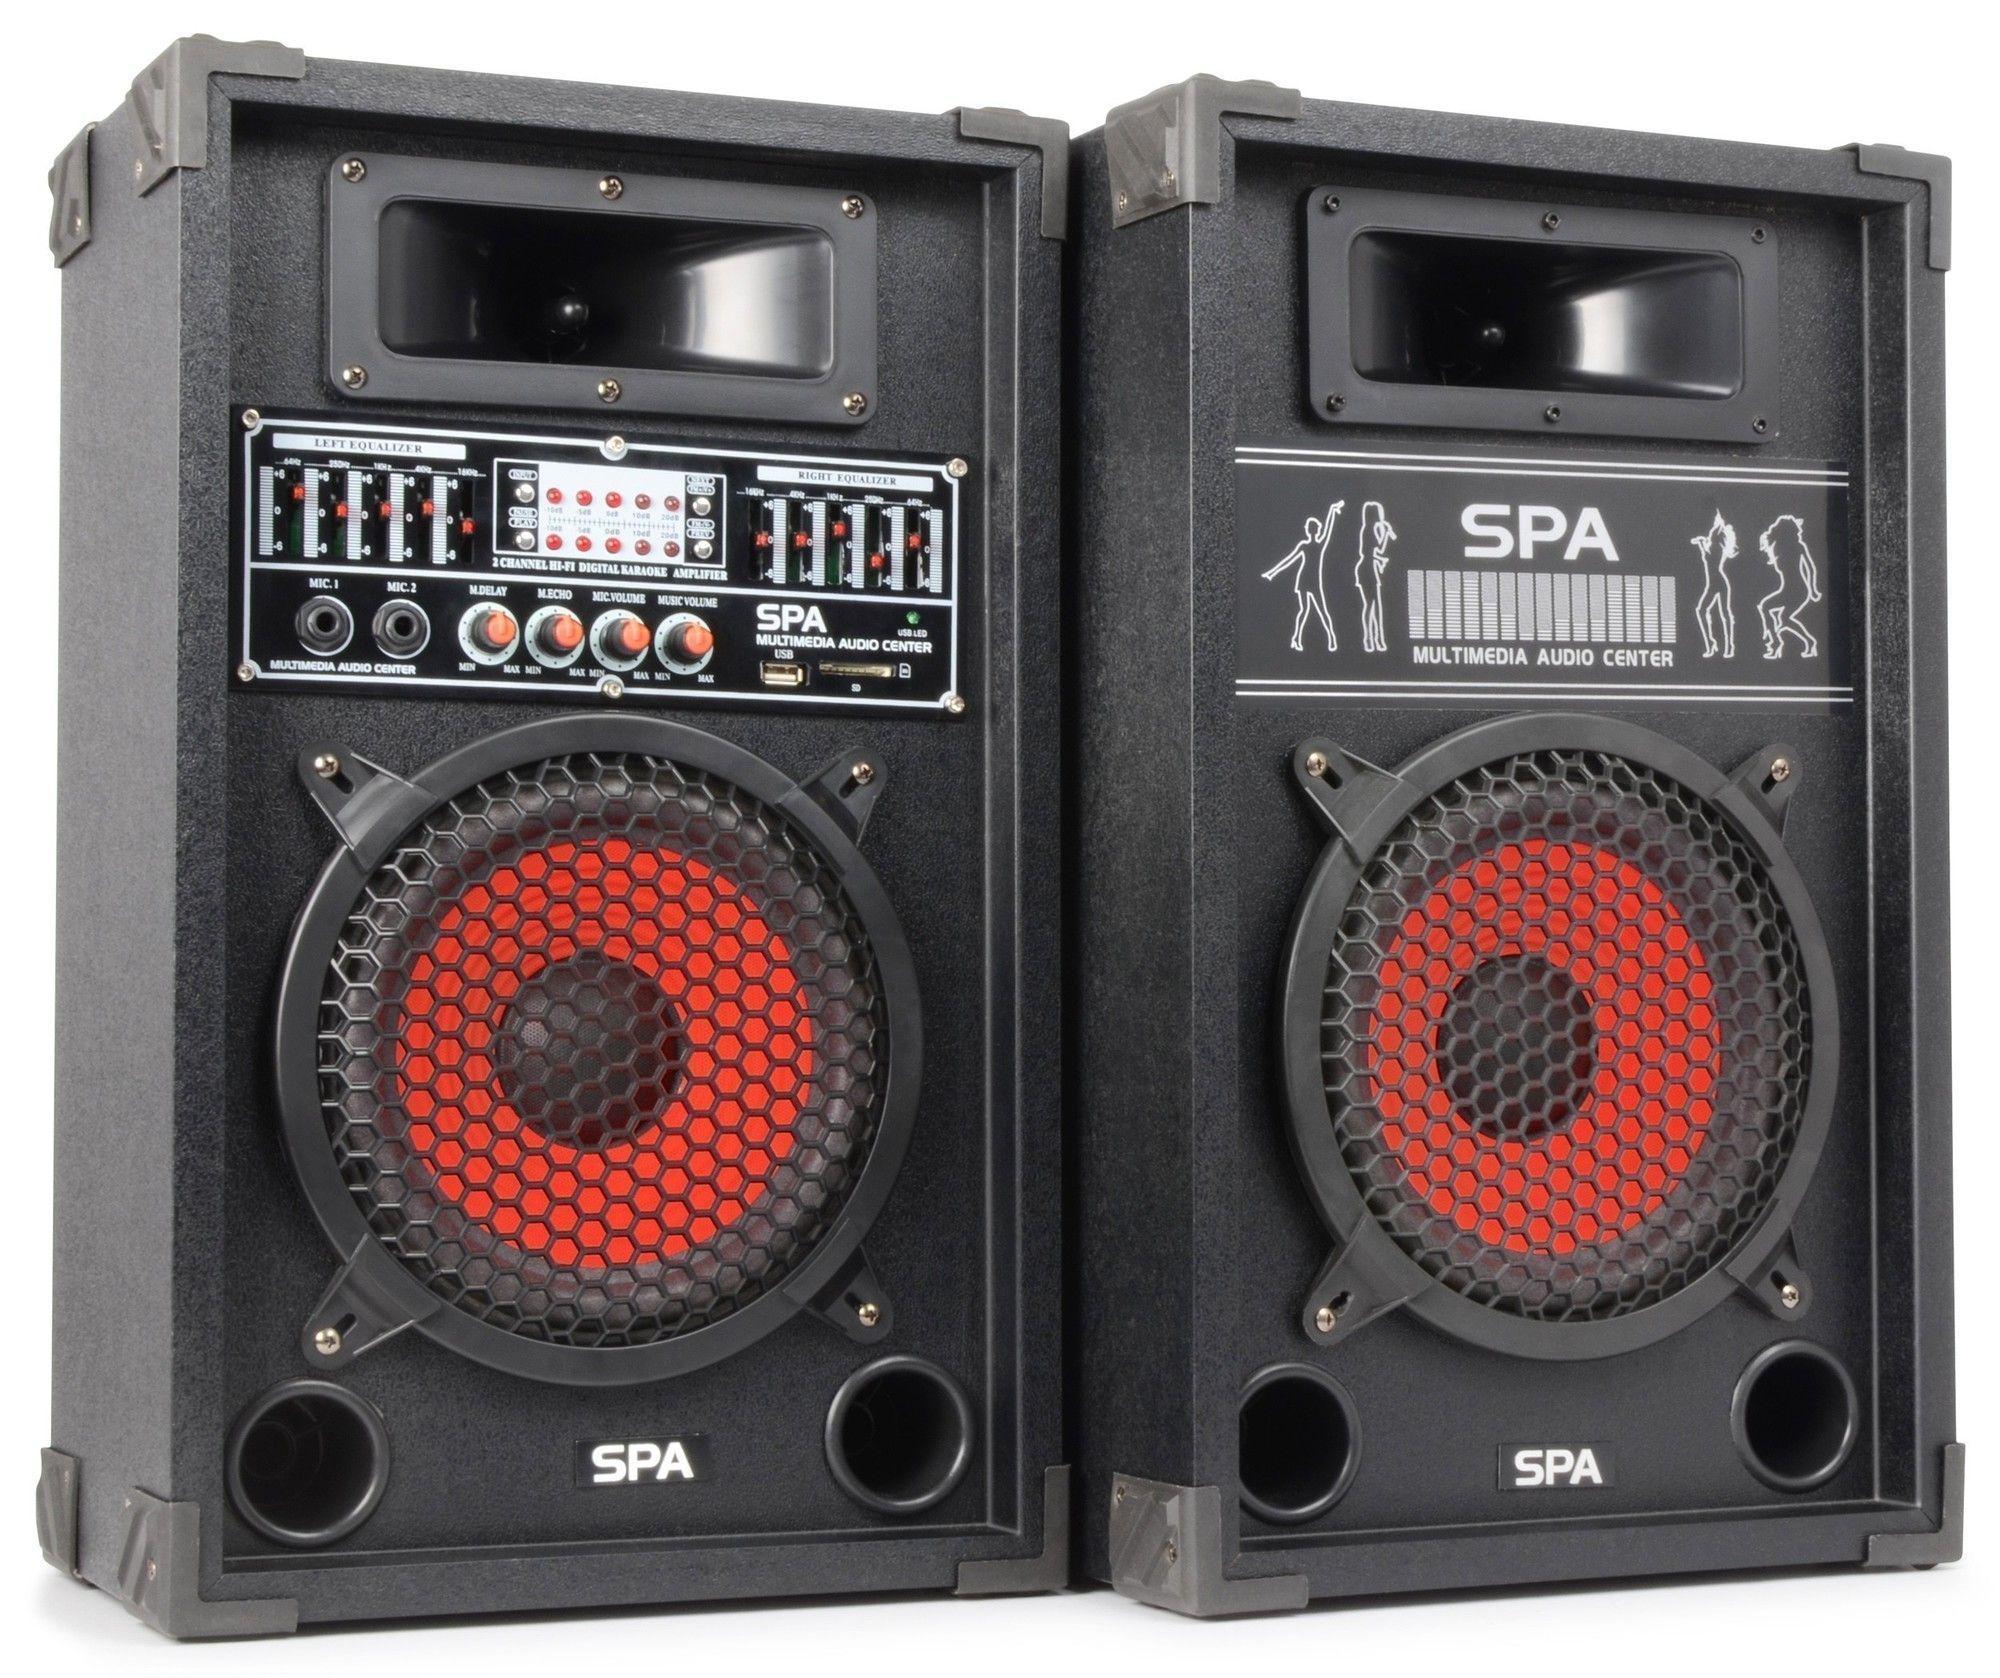 Spa800 Actieve Pa Karaoke Luidspreker Set 8 600w Met Usb Mp3 Skytec kopen